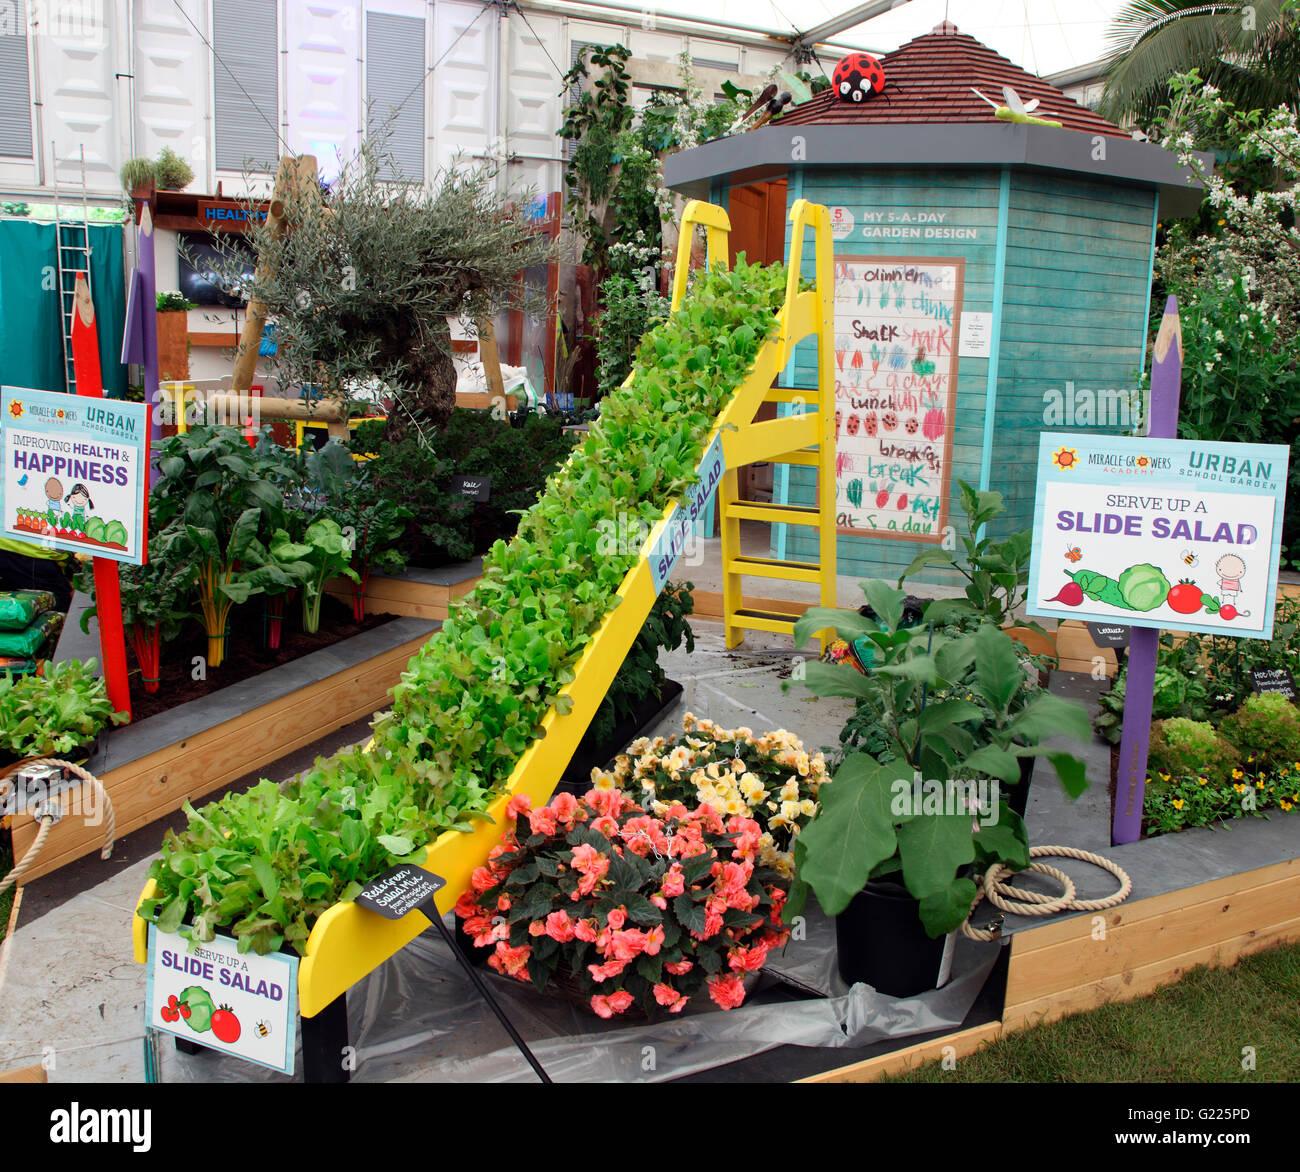 Garden Stock Image Image Of Design: Slide Salad In Miracle Growers Urban School Garden At RHS